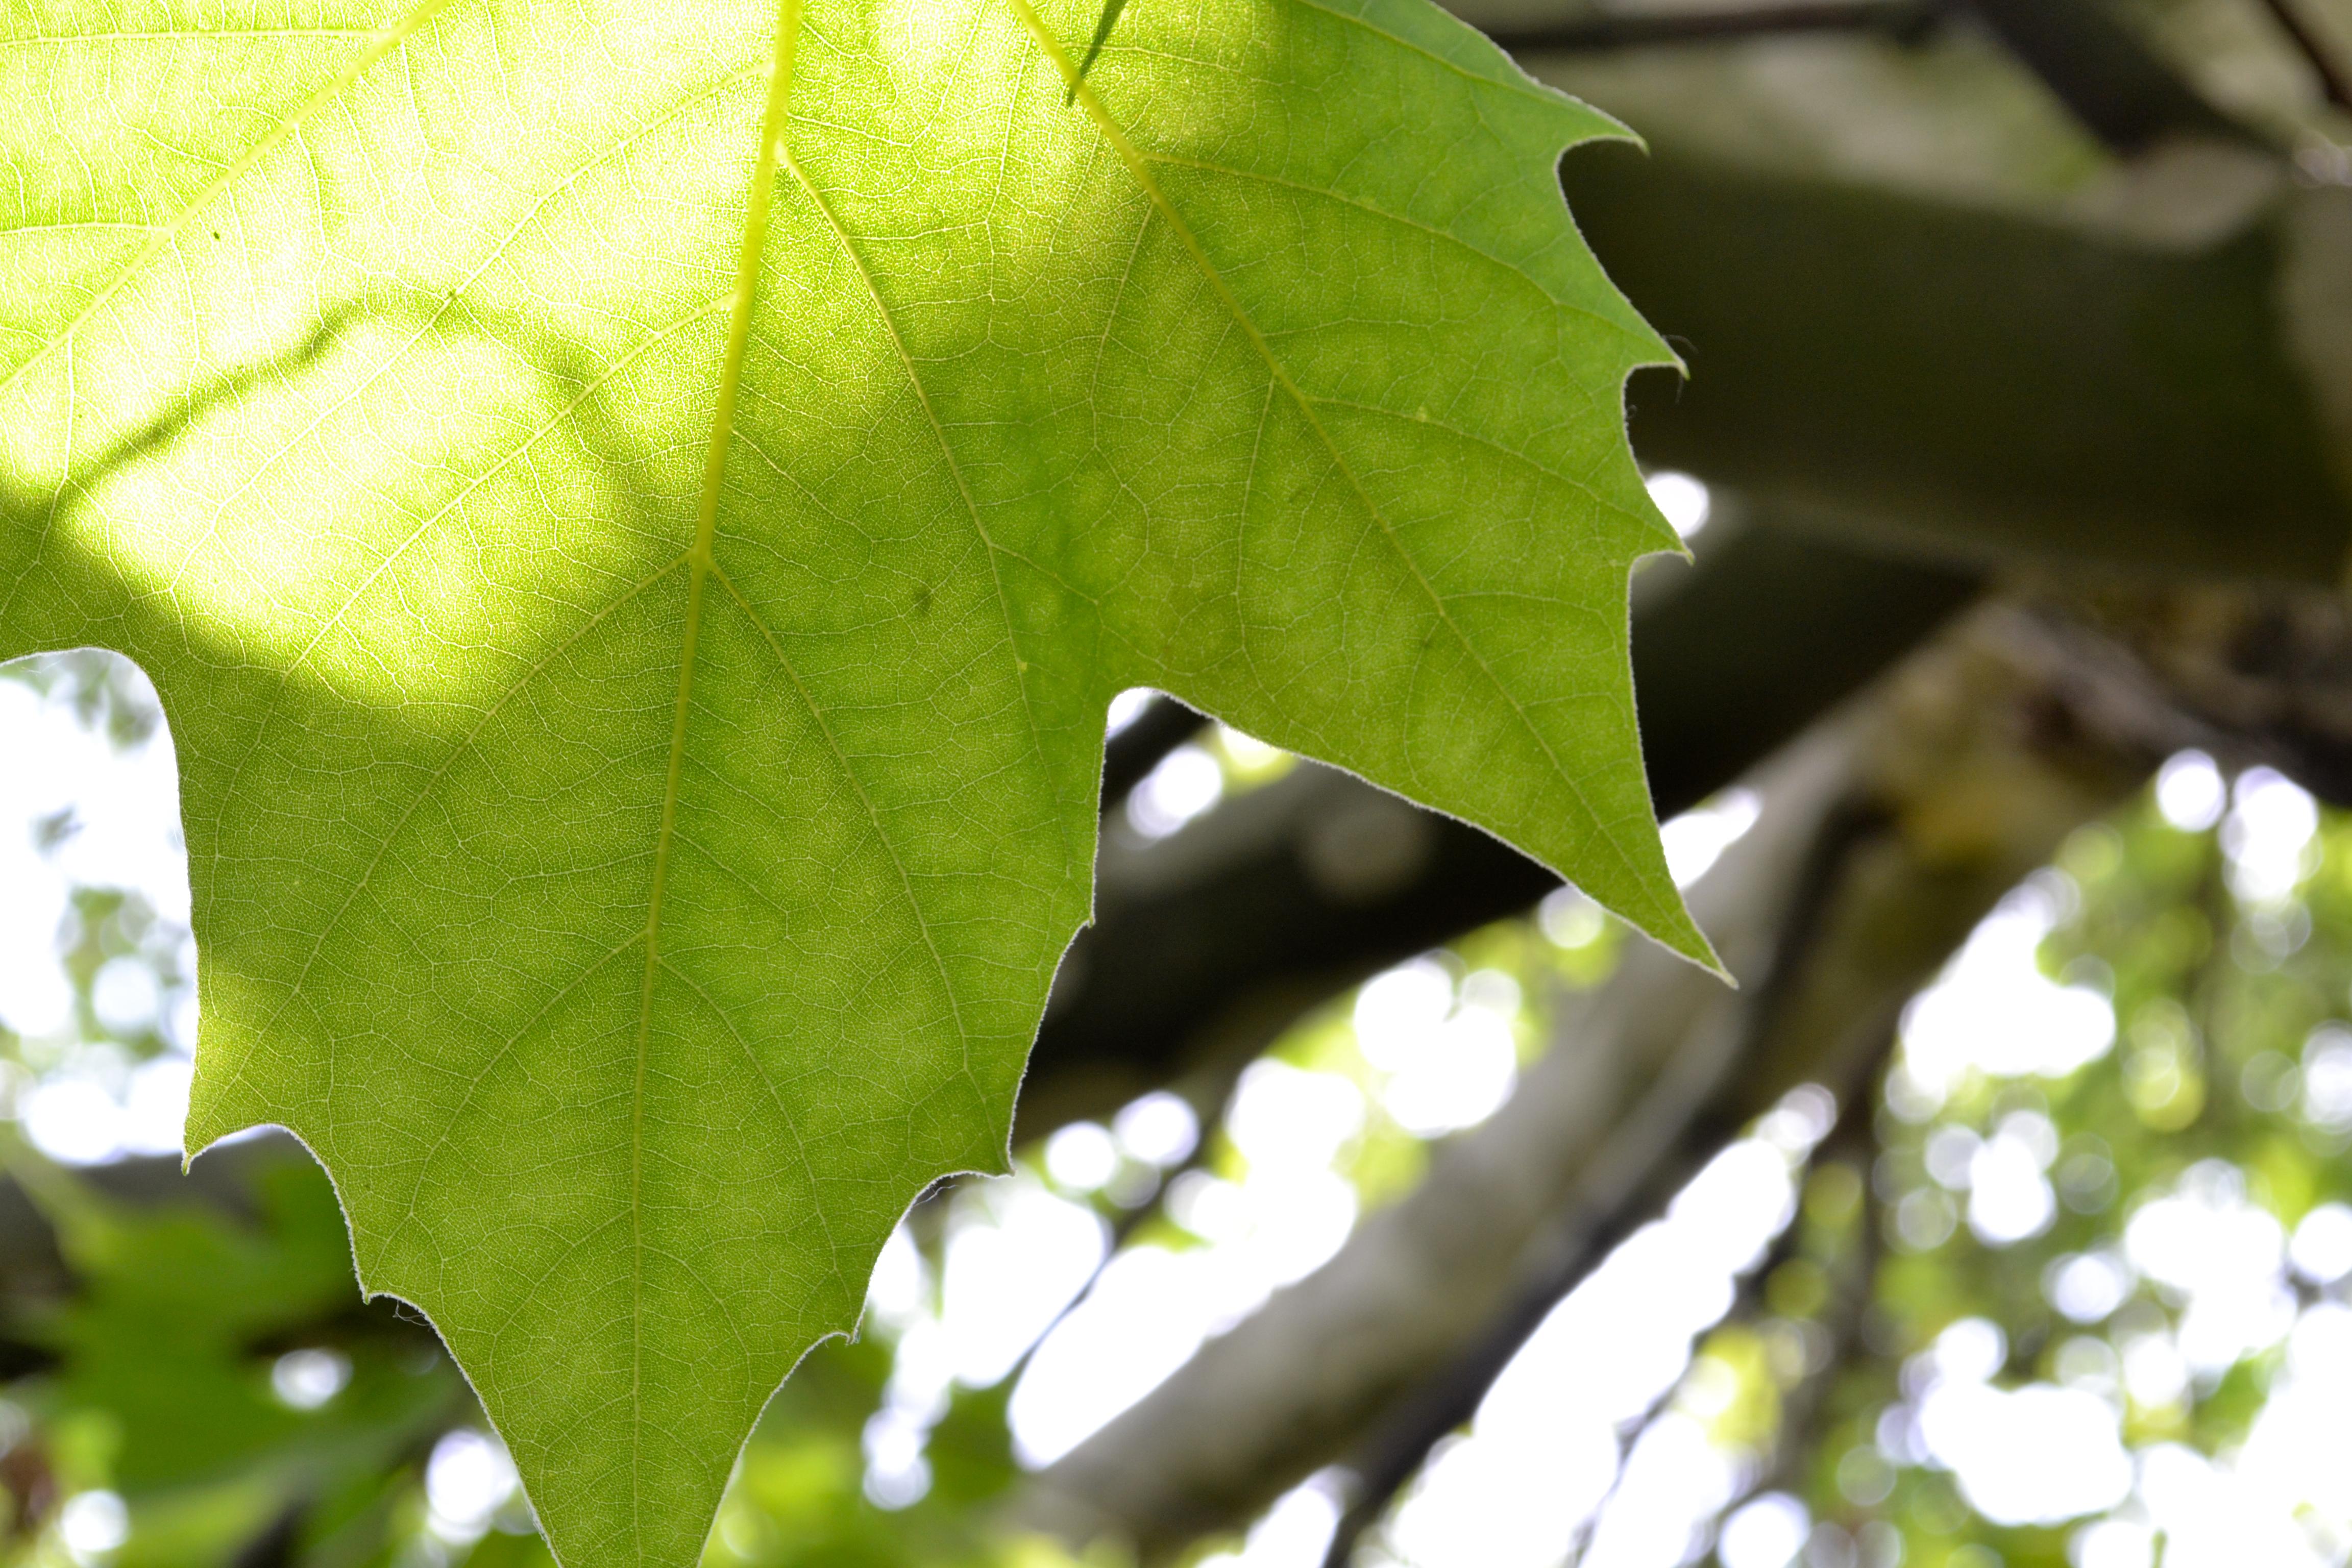 Green leaf photo